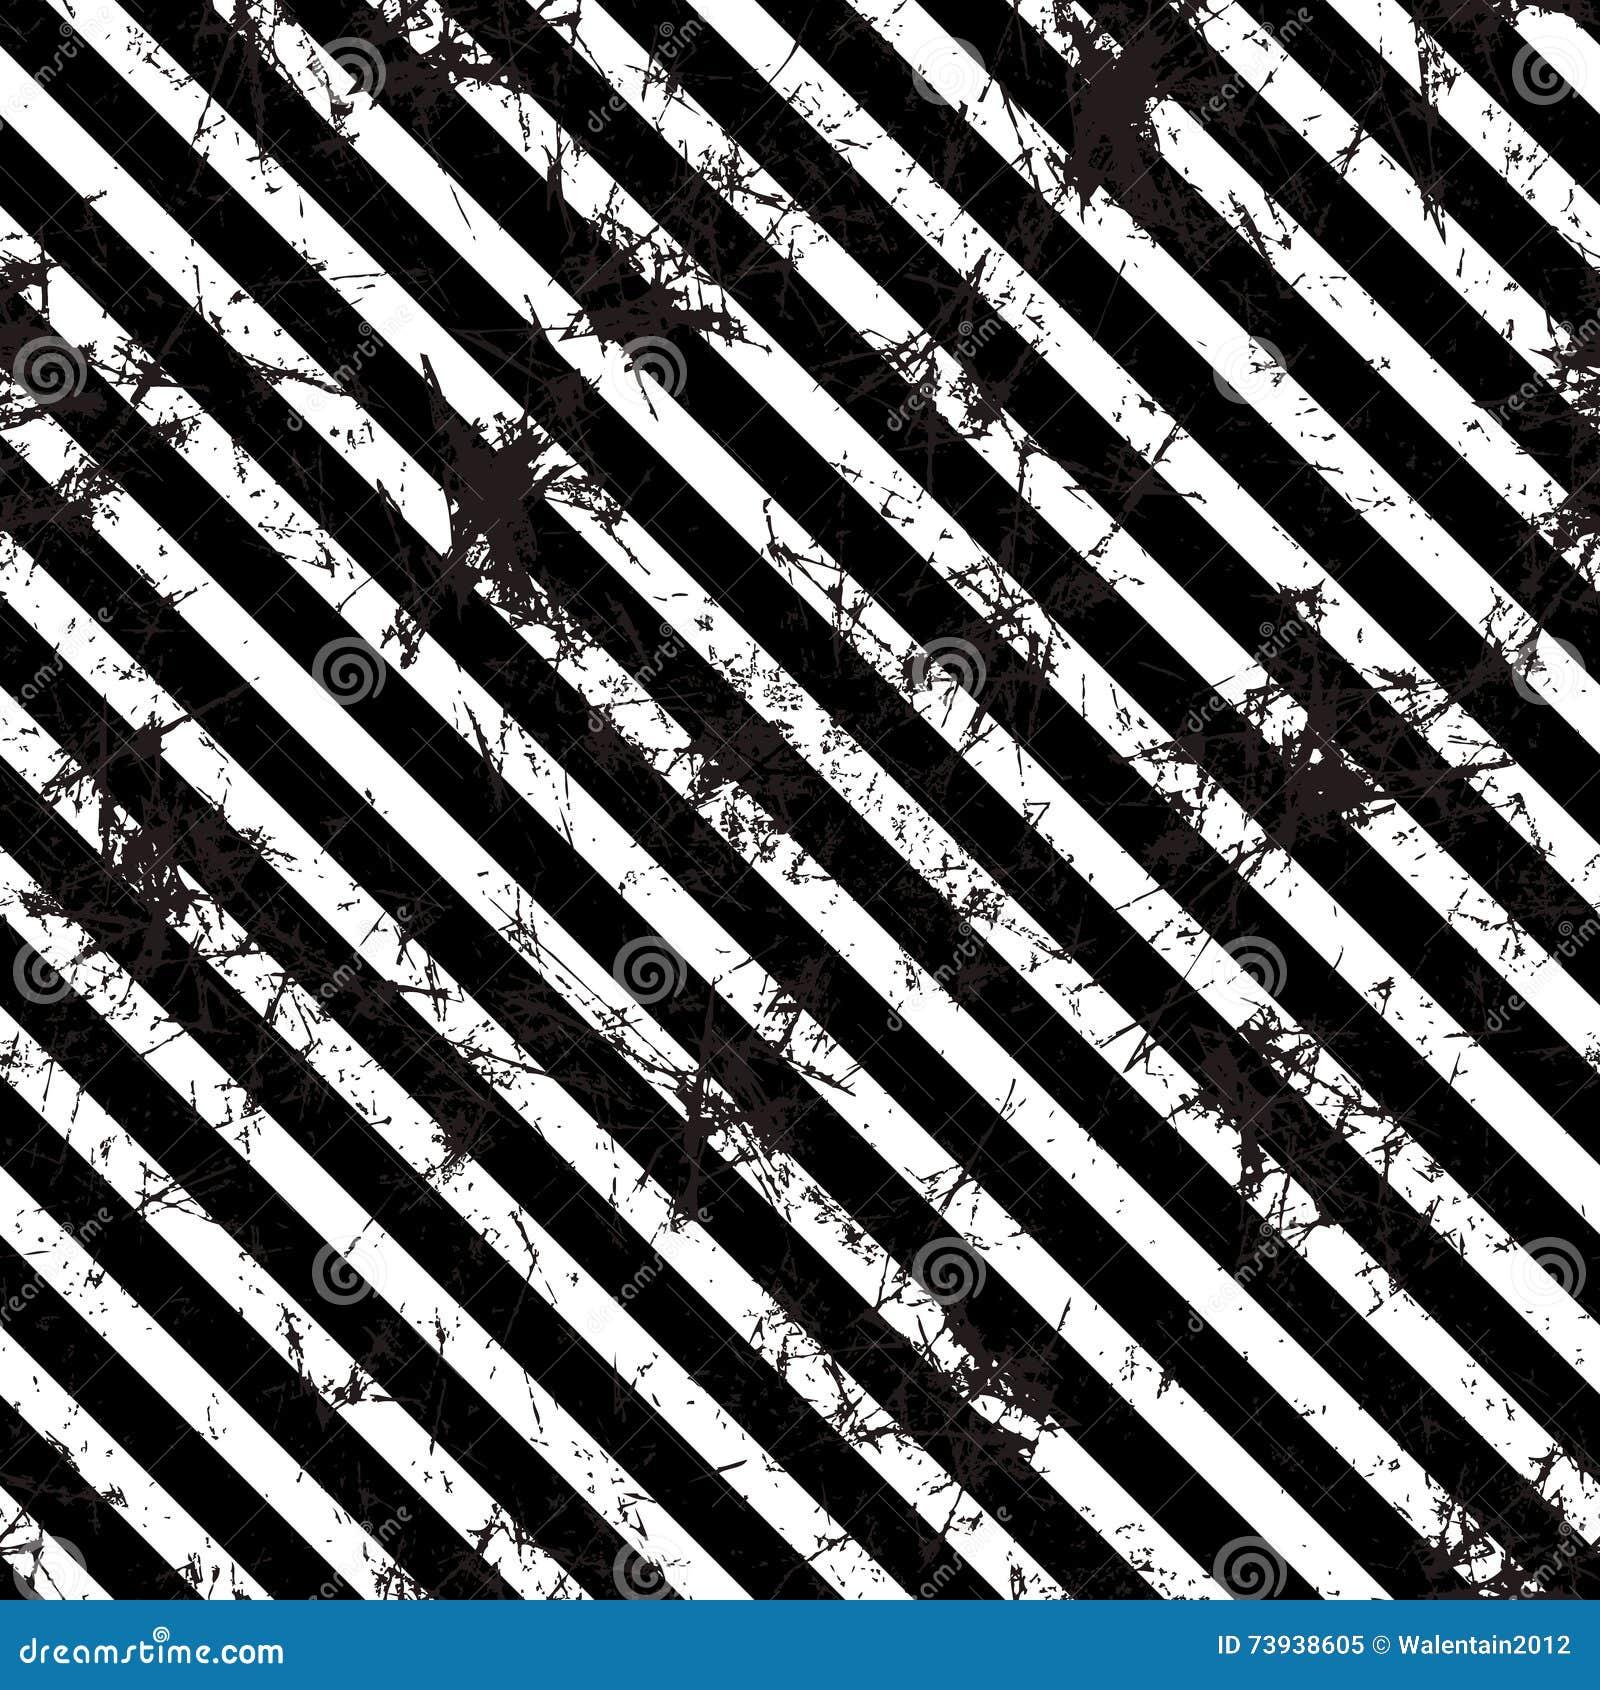 Diagonal Lines On White Background Stock Photo